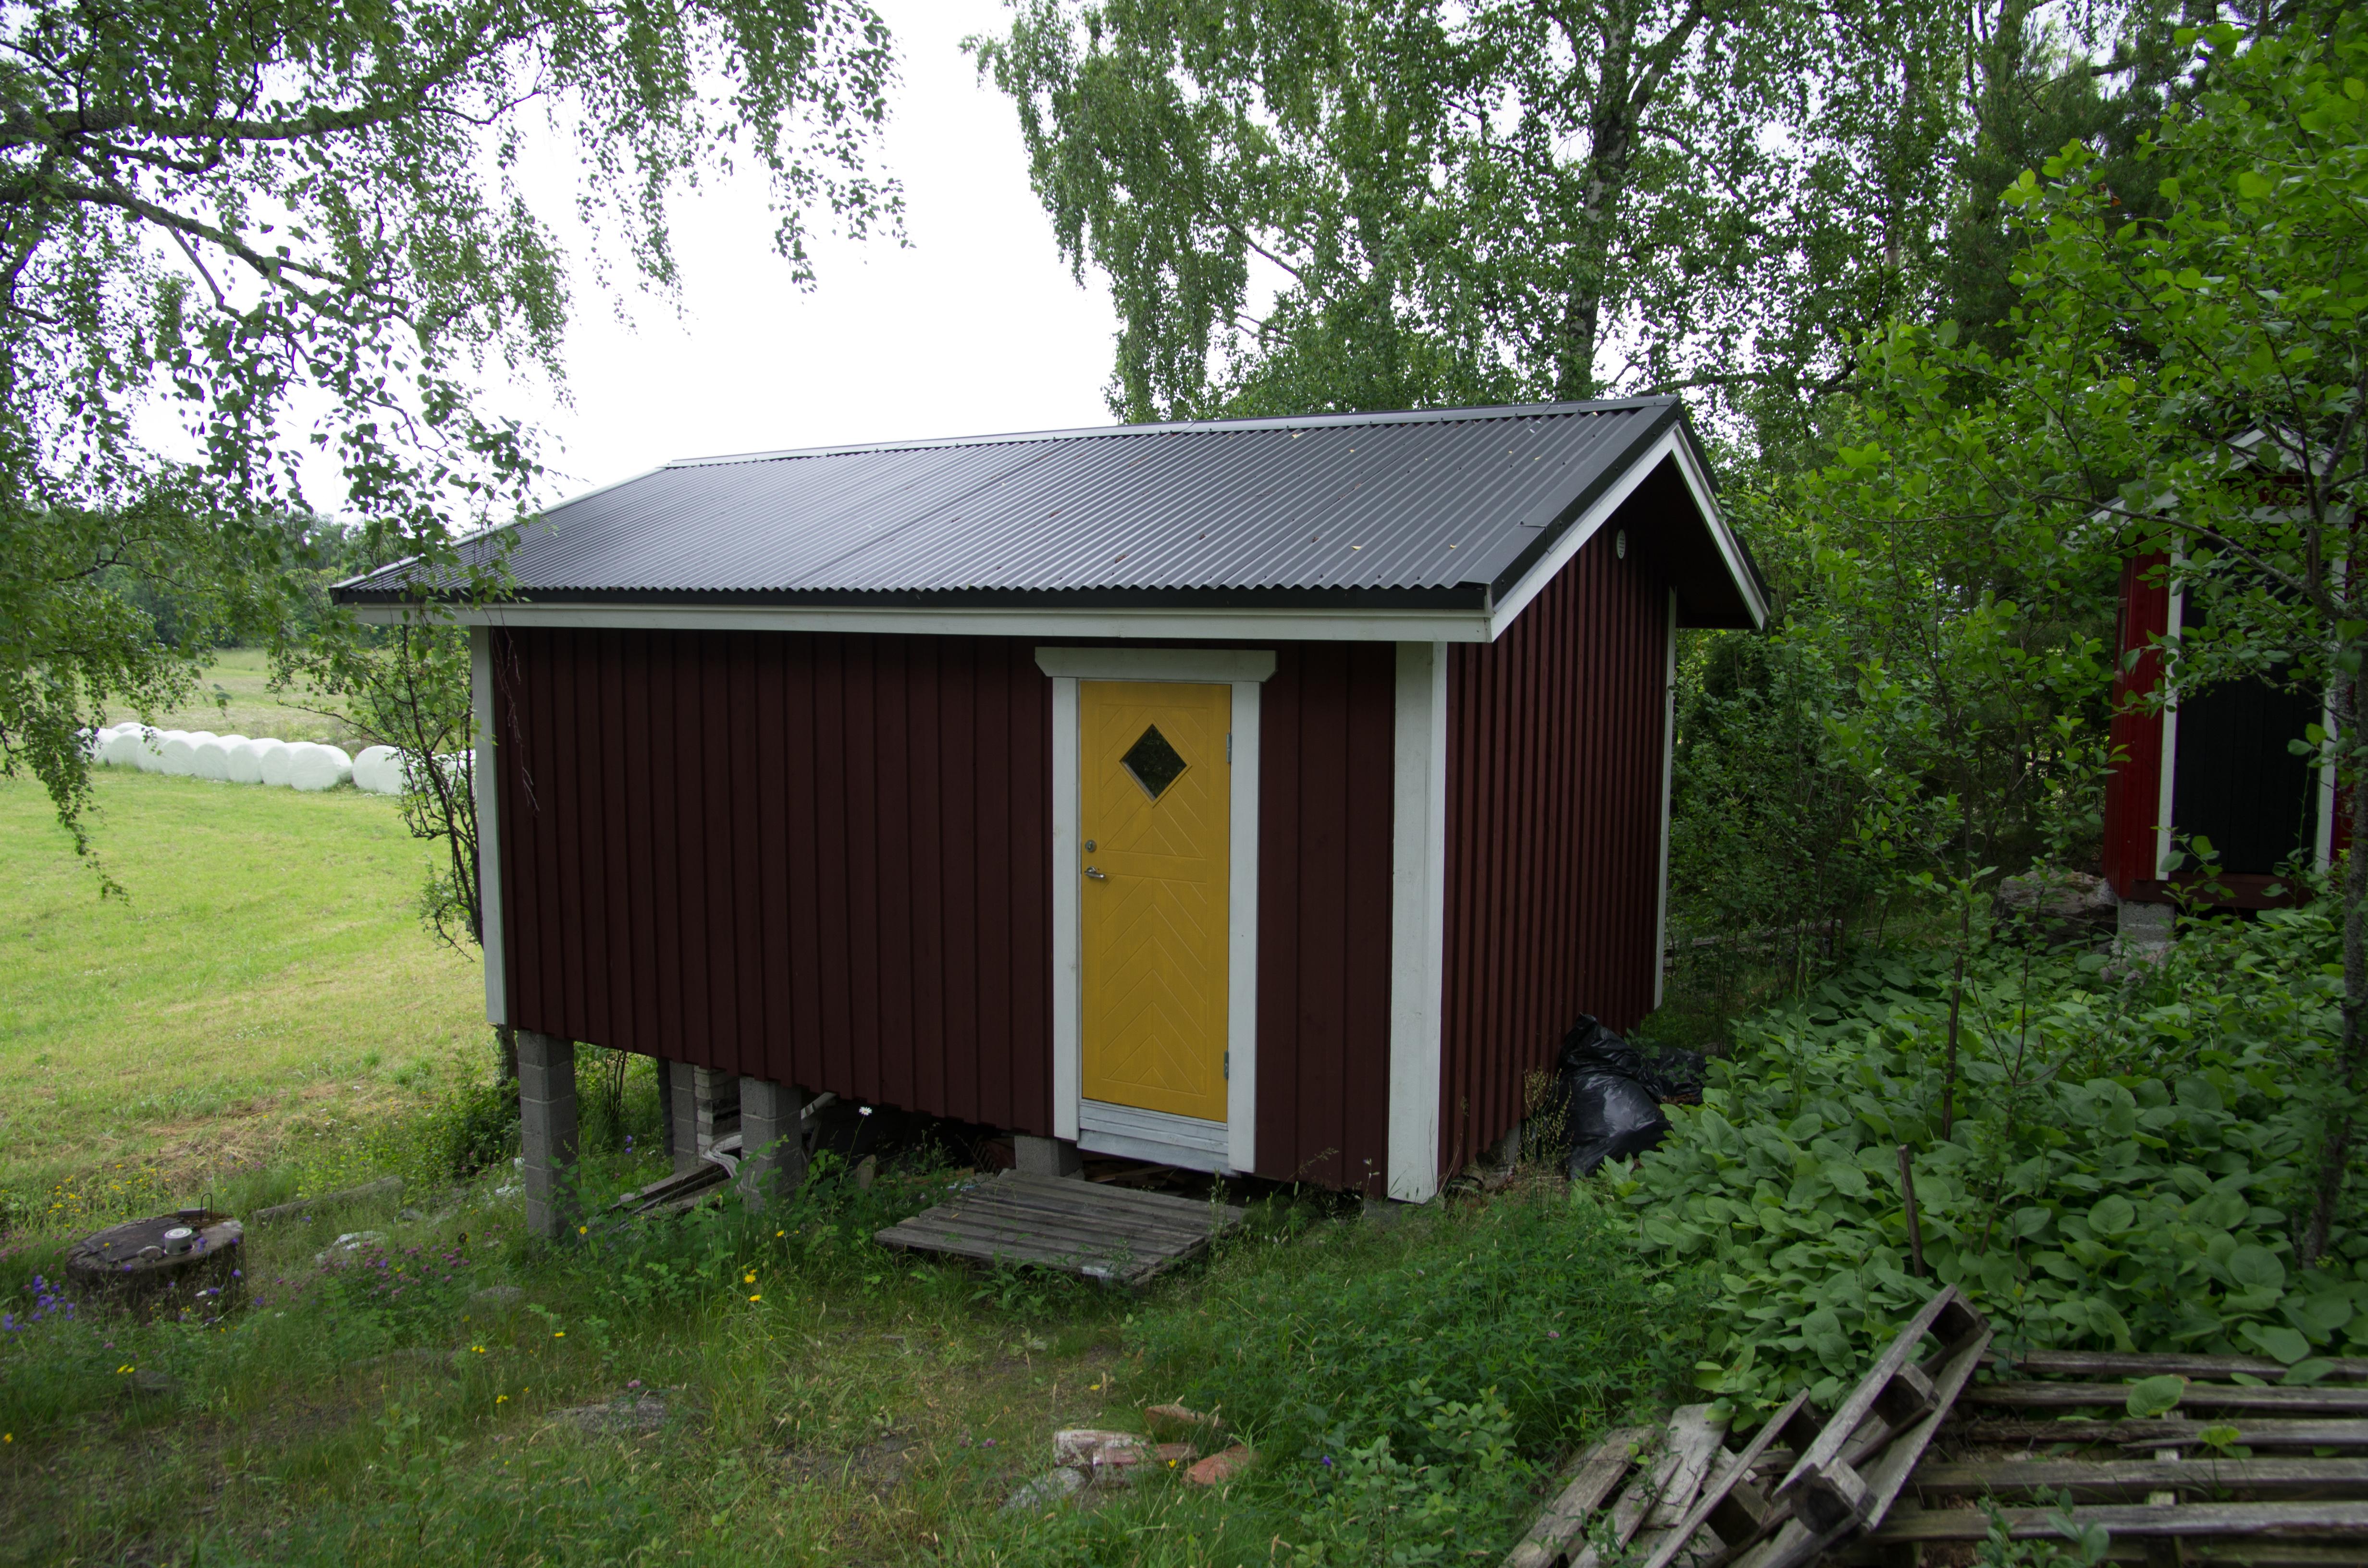 Alvorlig Bildet : bygning, skur, hytte, shack, Hagen, uthus, finland YW-62